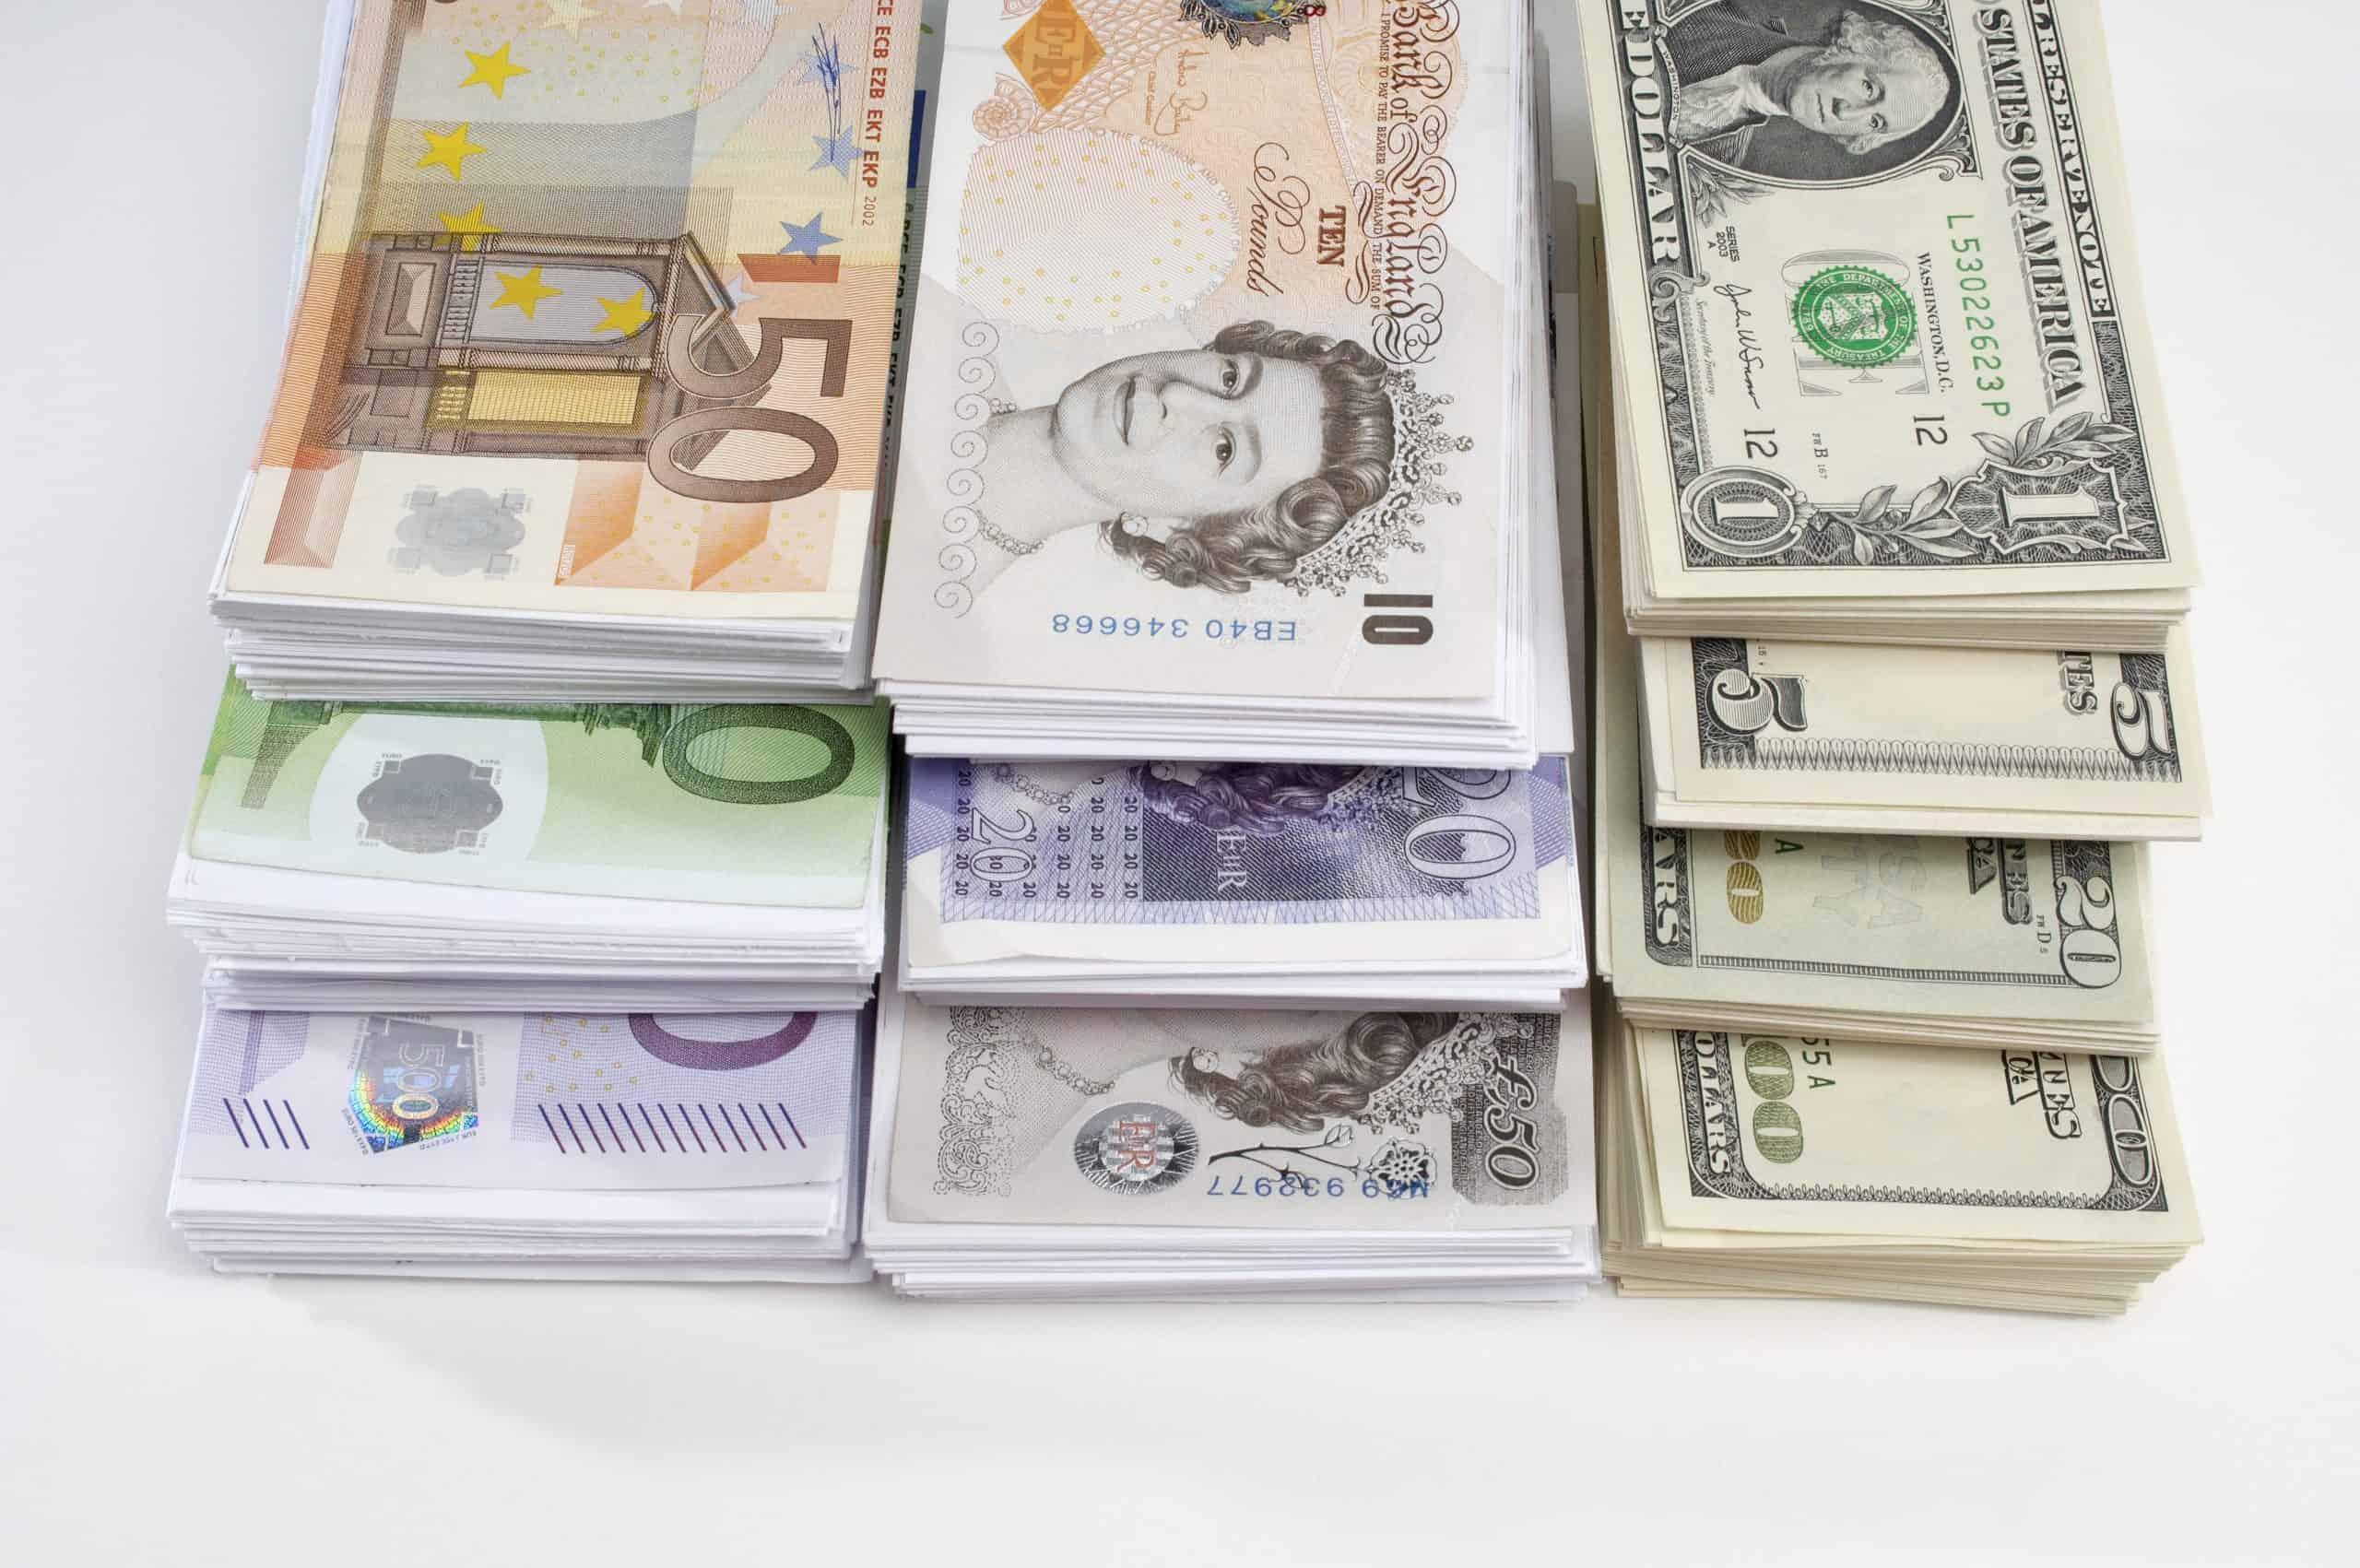 Inflatie in opkomende markten vlamt op - kunnen centrale banken rente laag houden?